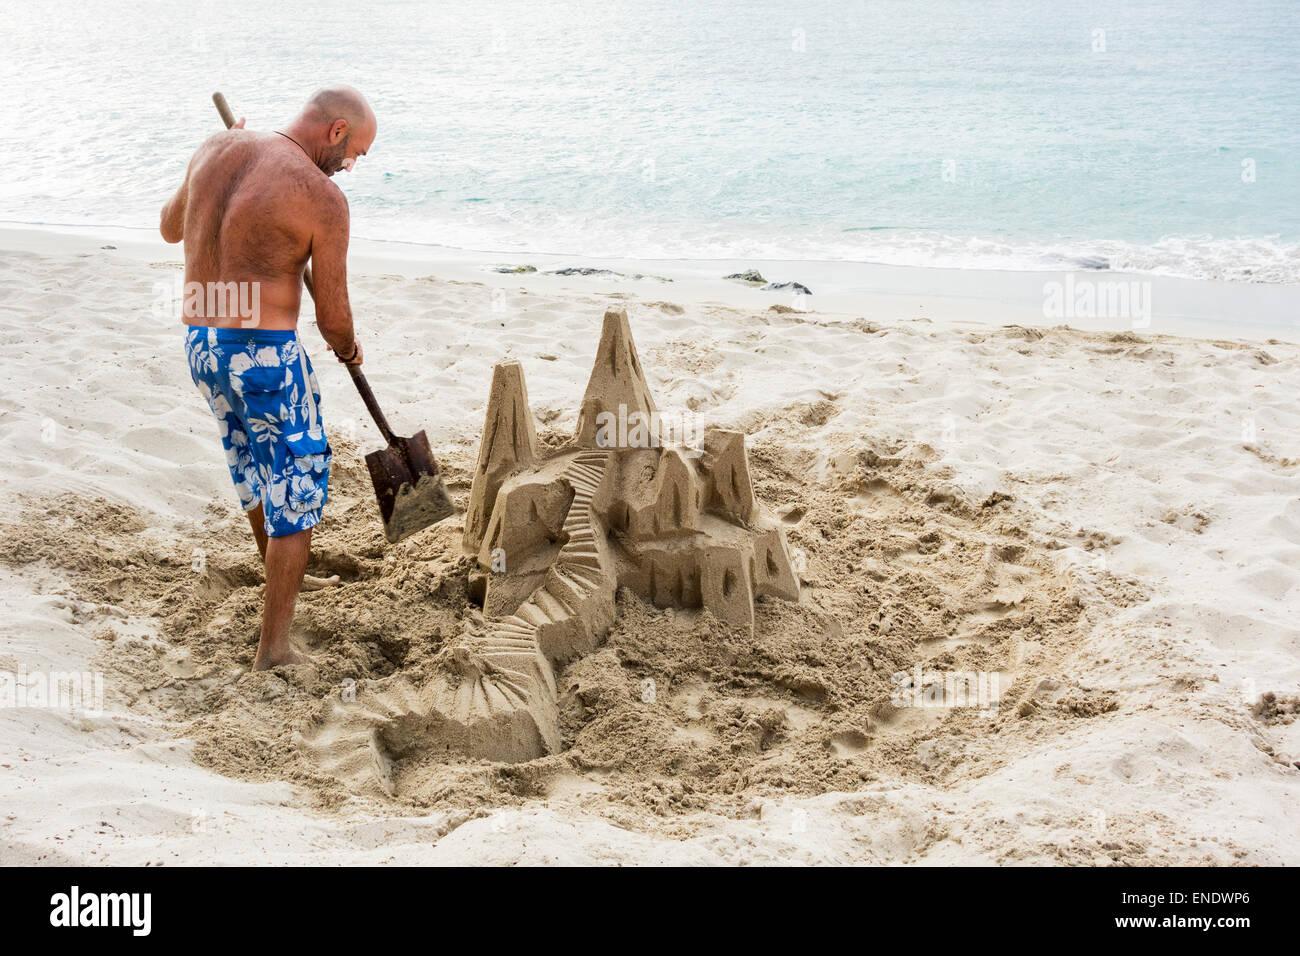 a-caucasian-man-builds-a-sand-castle-on-